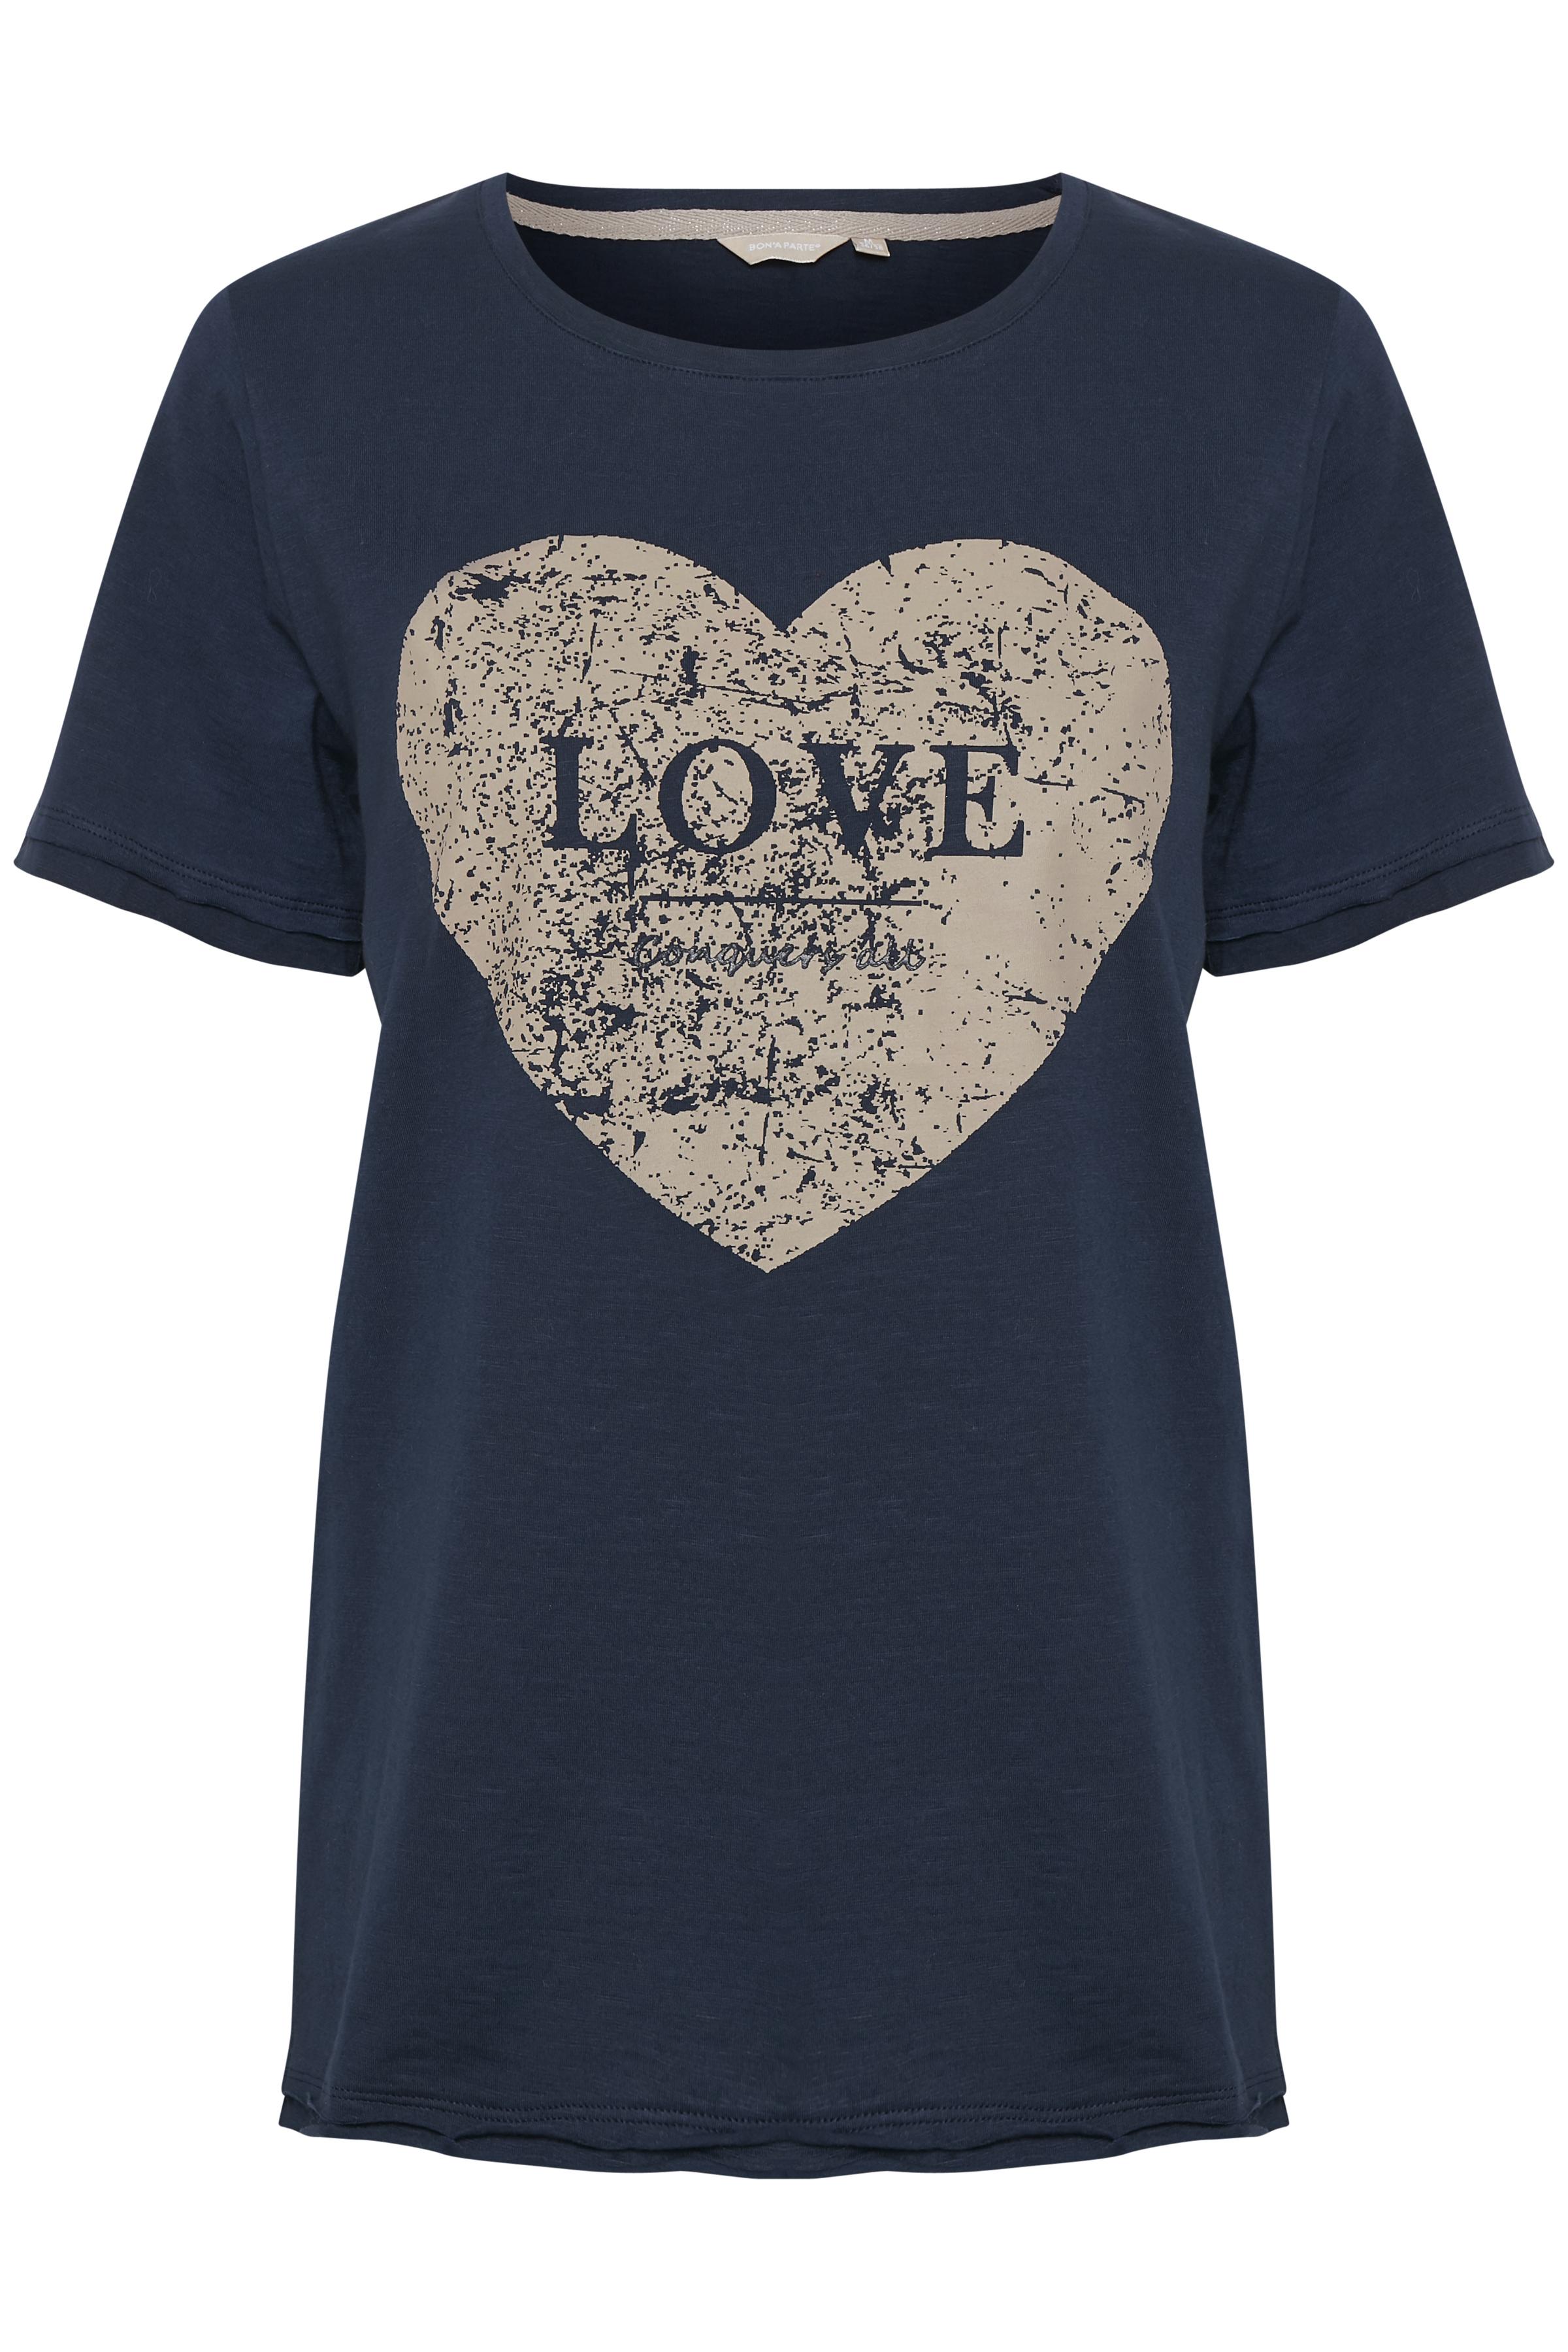 Mörkblå Kortärmad T-shirt från Bon'A Parte – Köp Mörkblå Kortärmad T-shirt från stl. S-2XL här